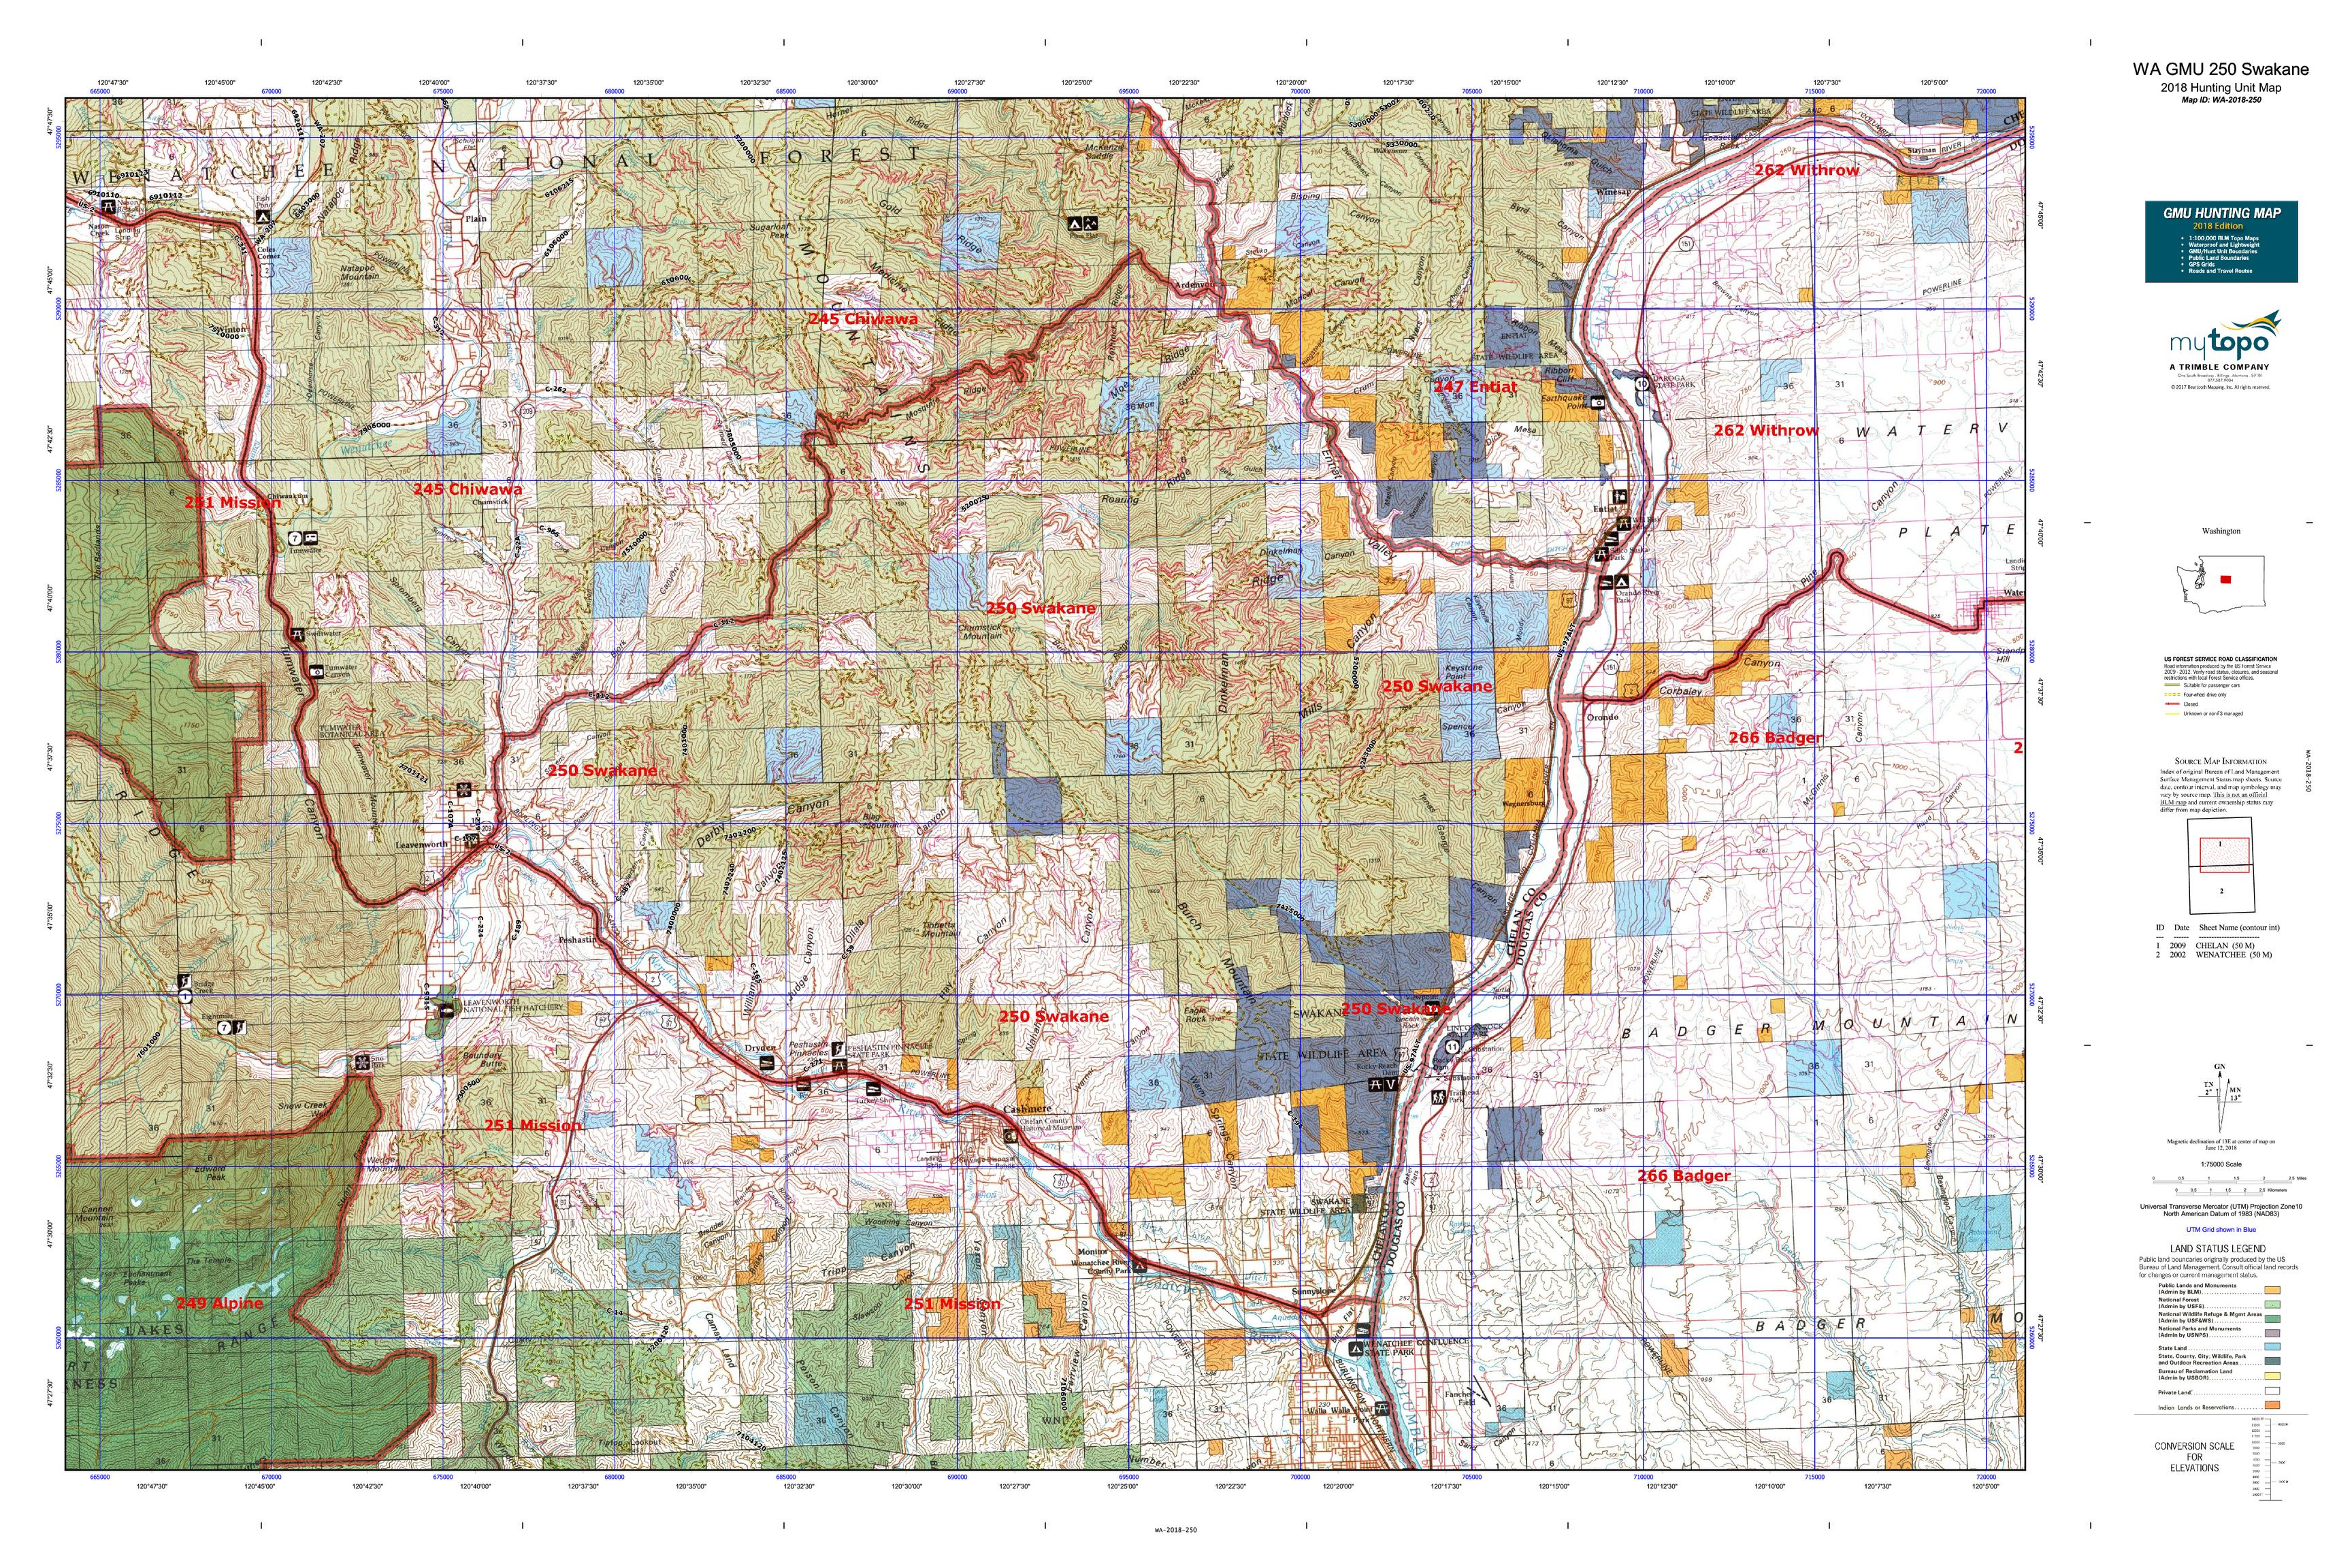 WA GMU 250 Swakane Map | MyTopo